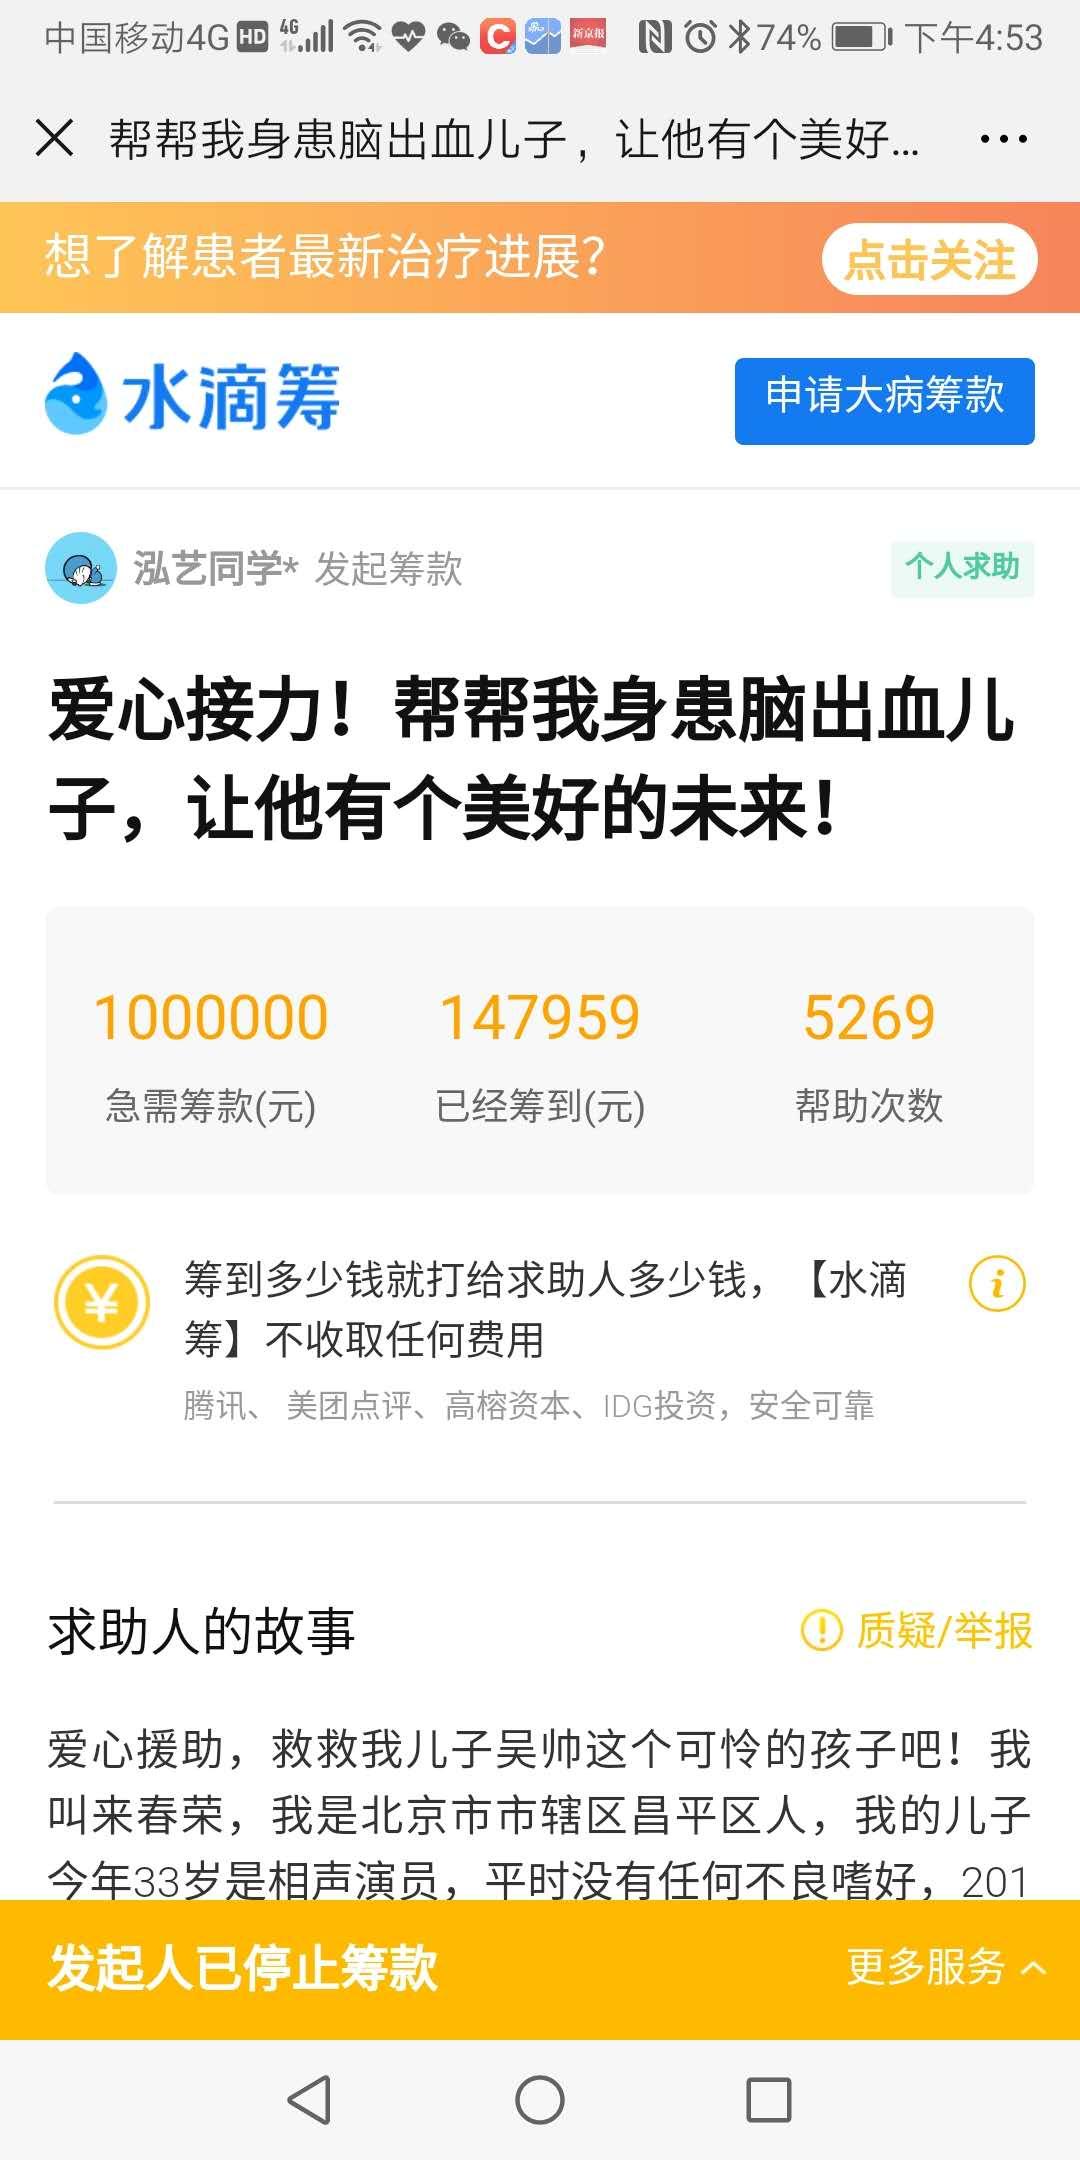 德云社演员因病筹款惹争议 水滴筹:相关情况将公示